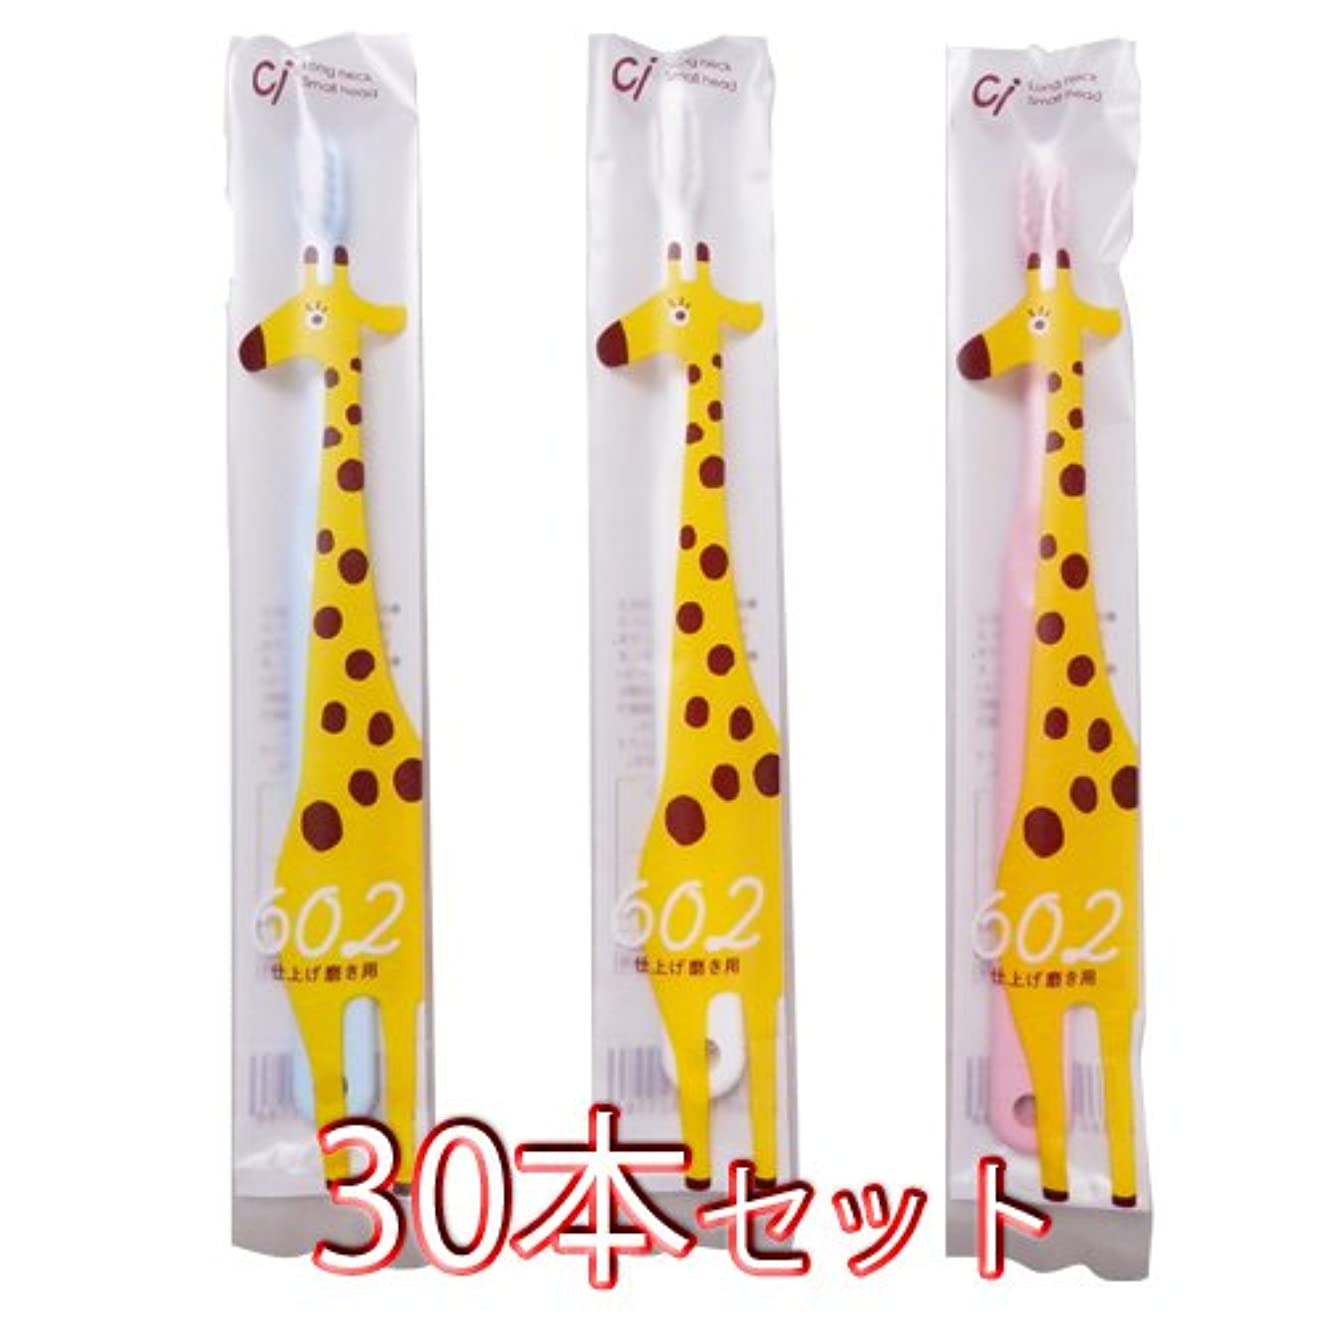 前方へ下手図Ciメディカル 歯ブラシ Ci602 仕上げ磨き用 30本入